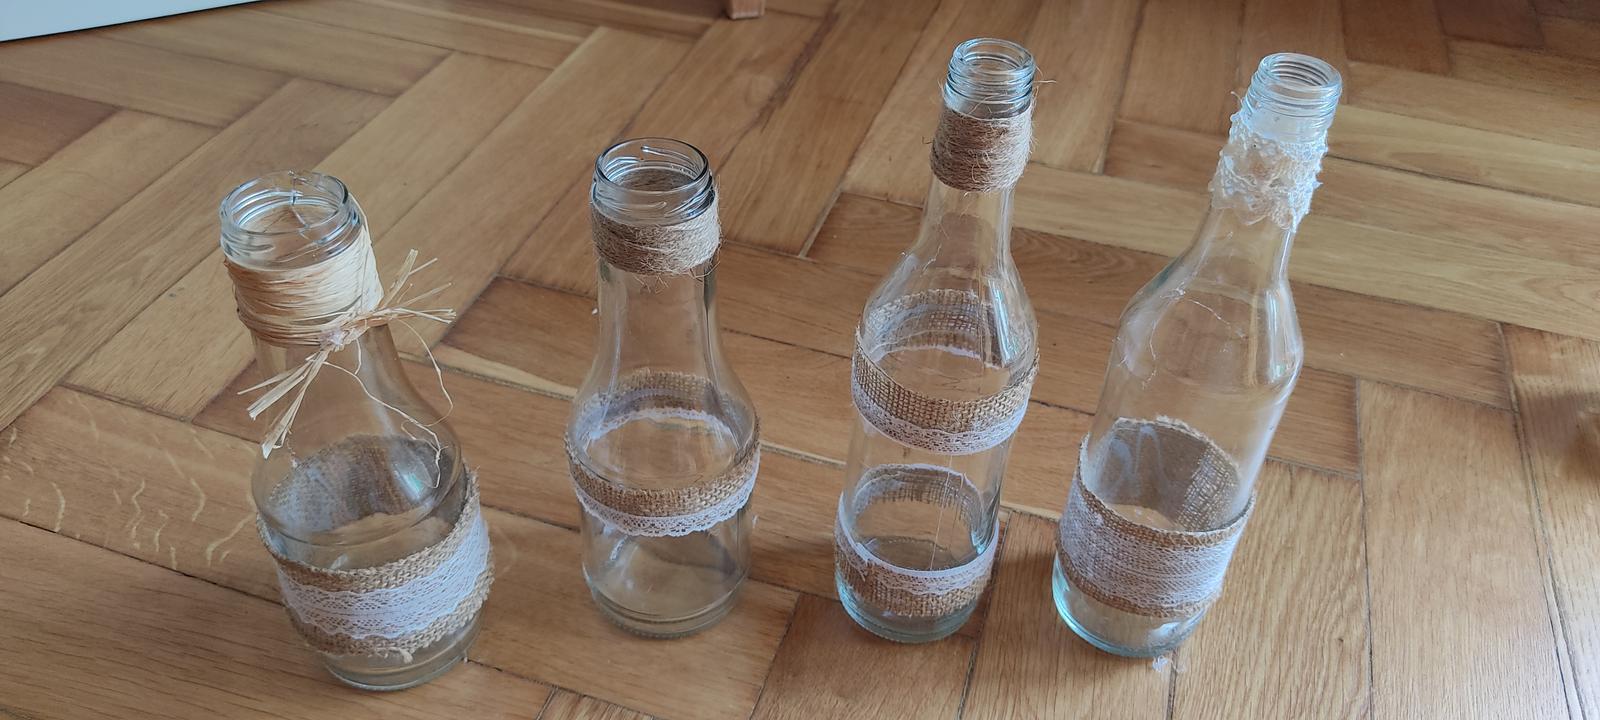 Vázy a svícny - Obrázek č. 1